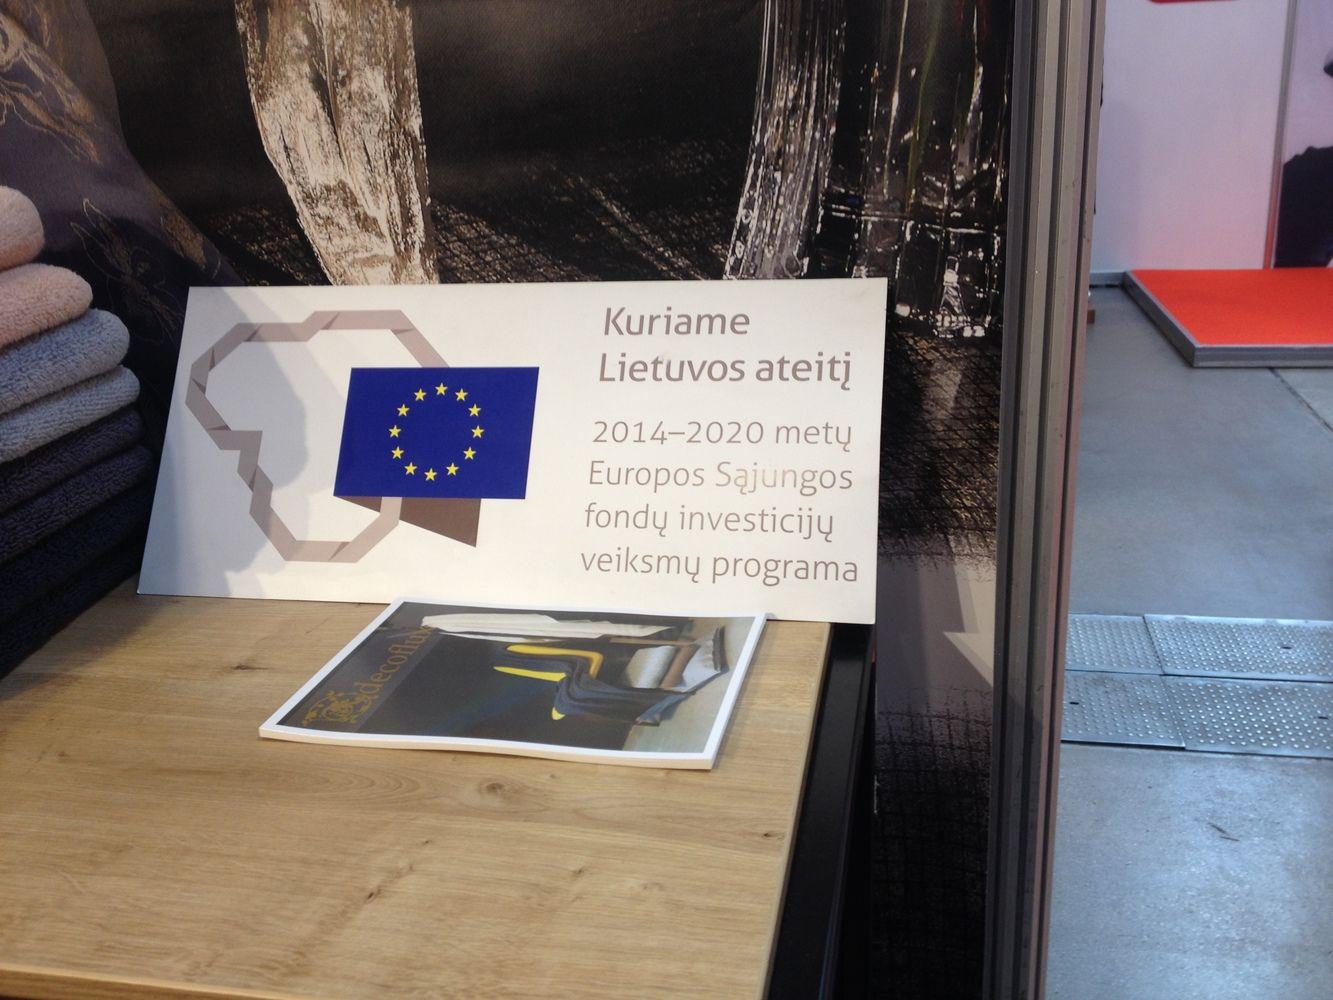 Nuo 2014 m. Ūkio ministerija išmokėjo 72 mln. Eur ES lėšų